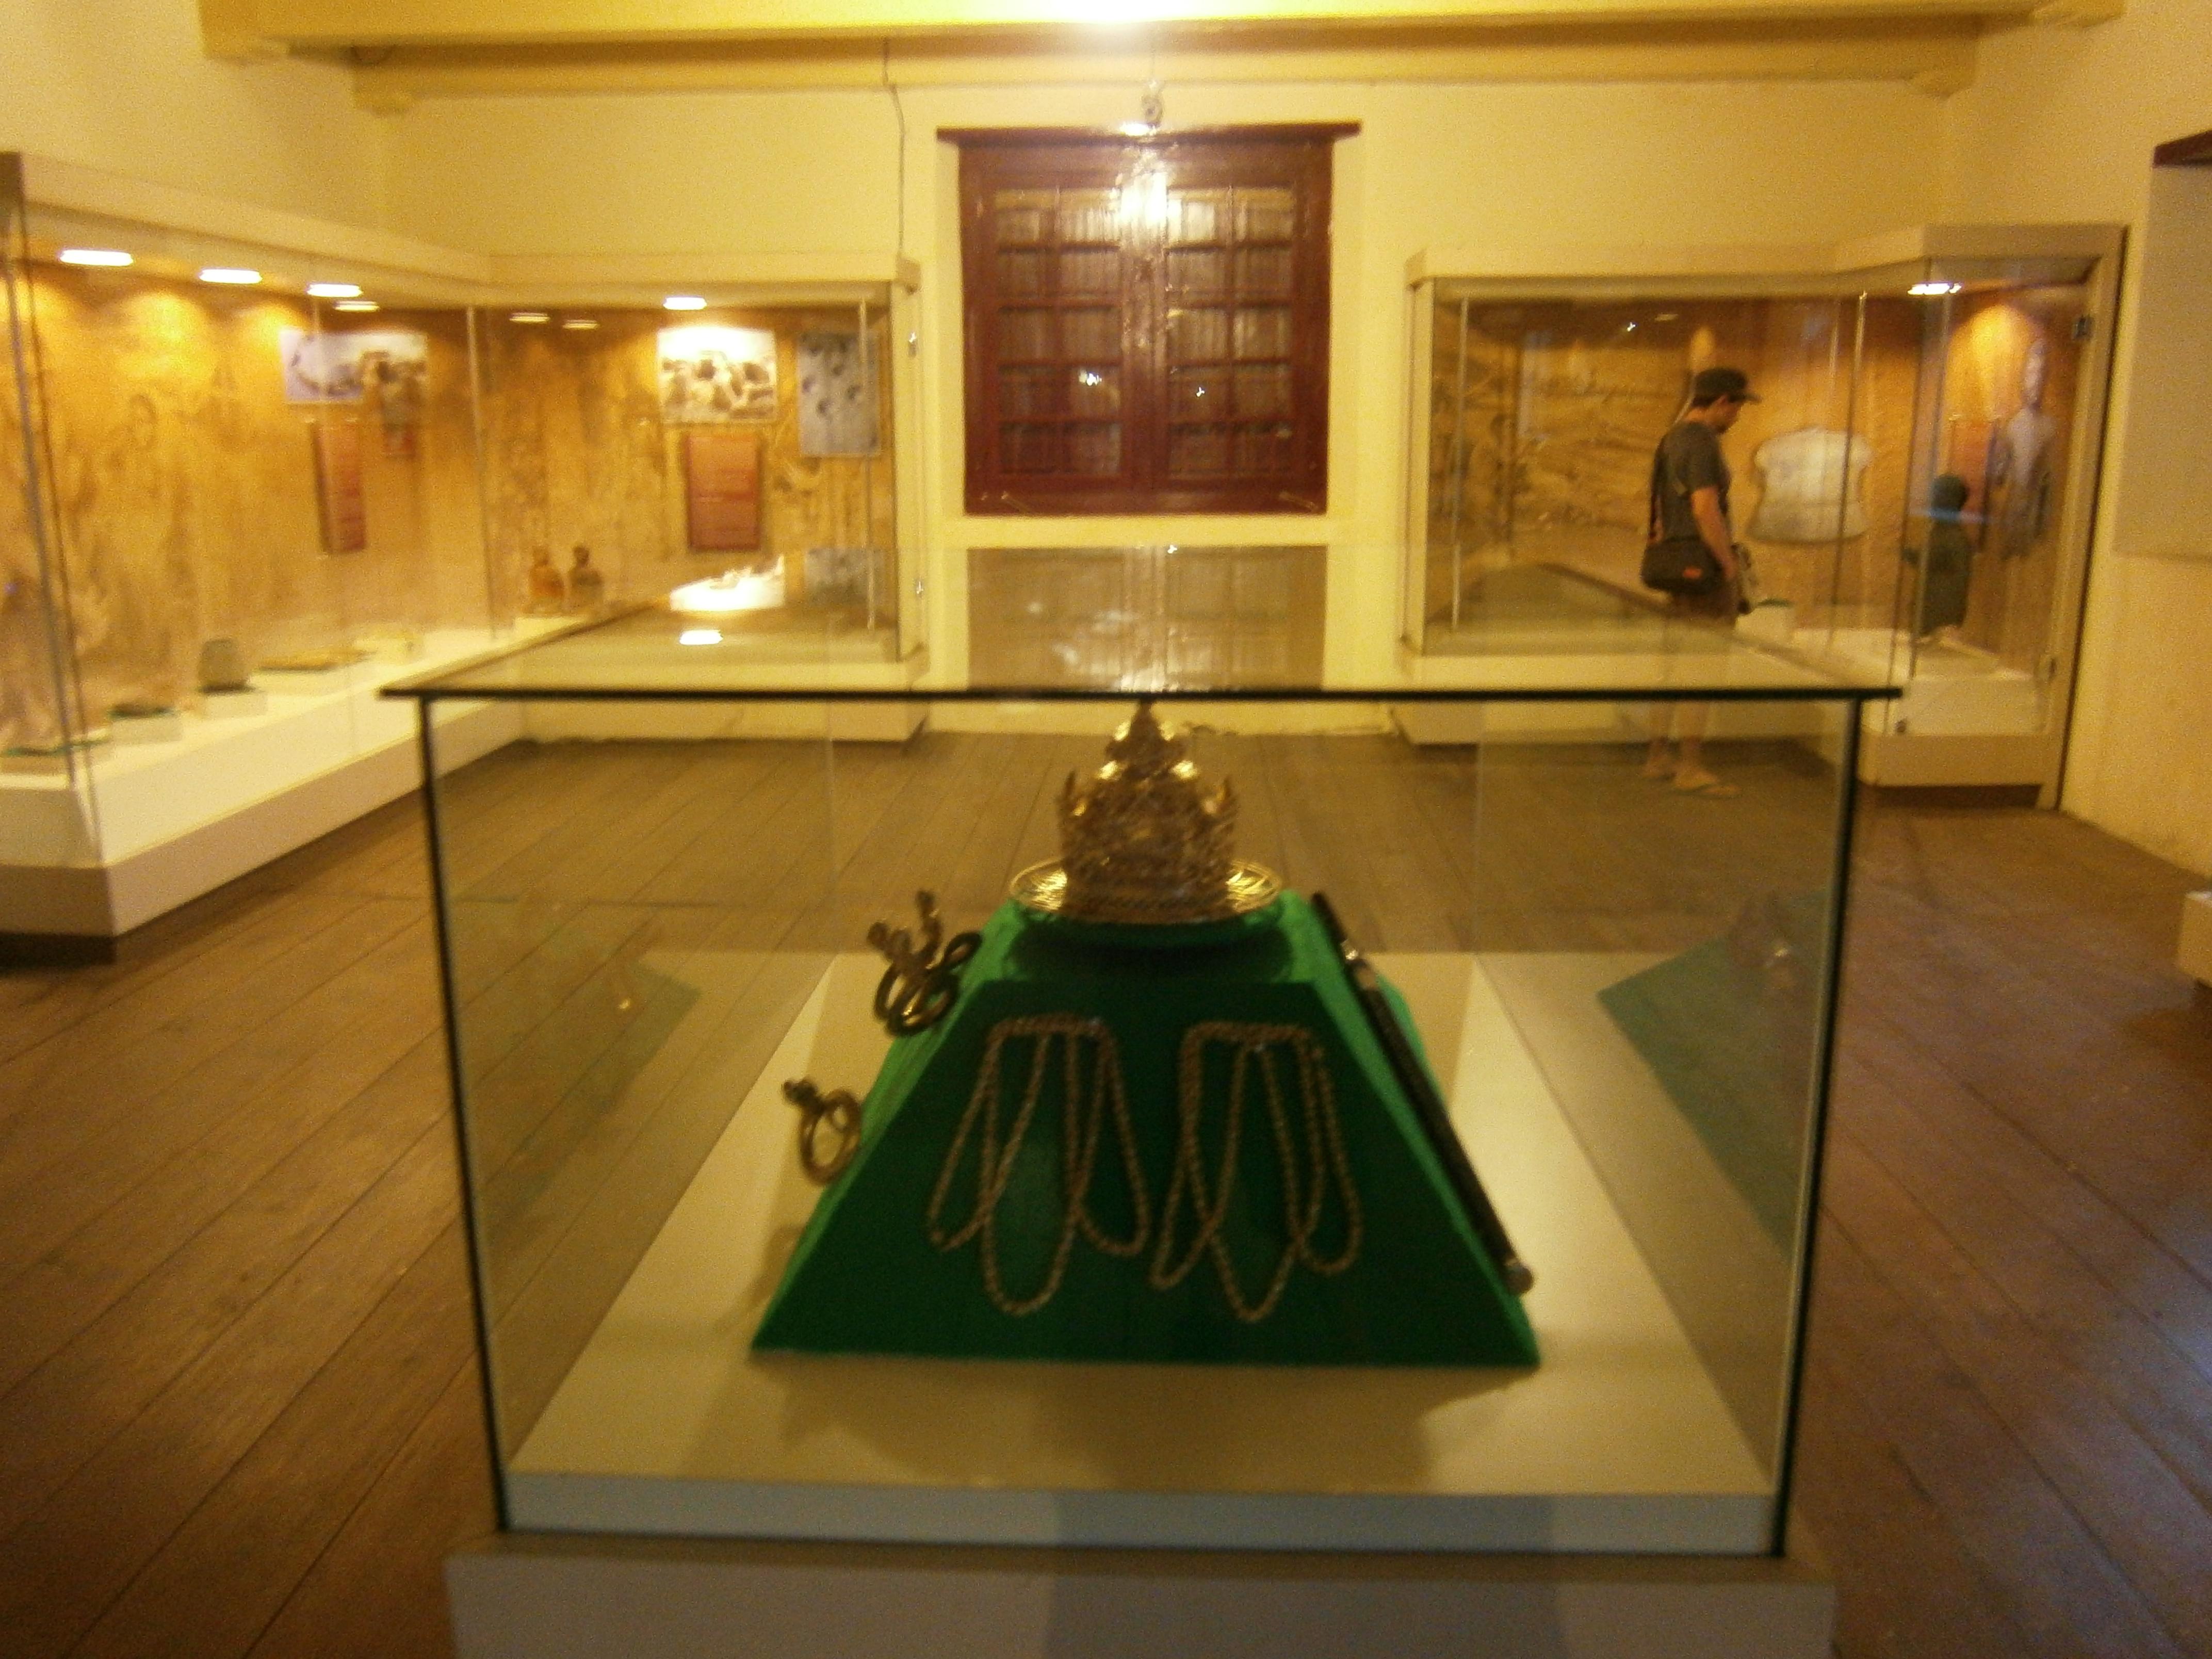 Wisata Kuliner Taiyoo Weblog Museum La Galigo Kota Makassar